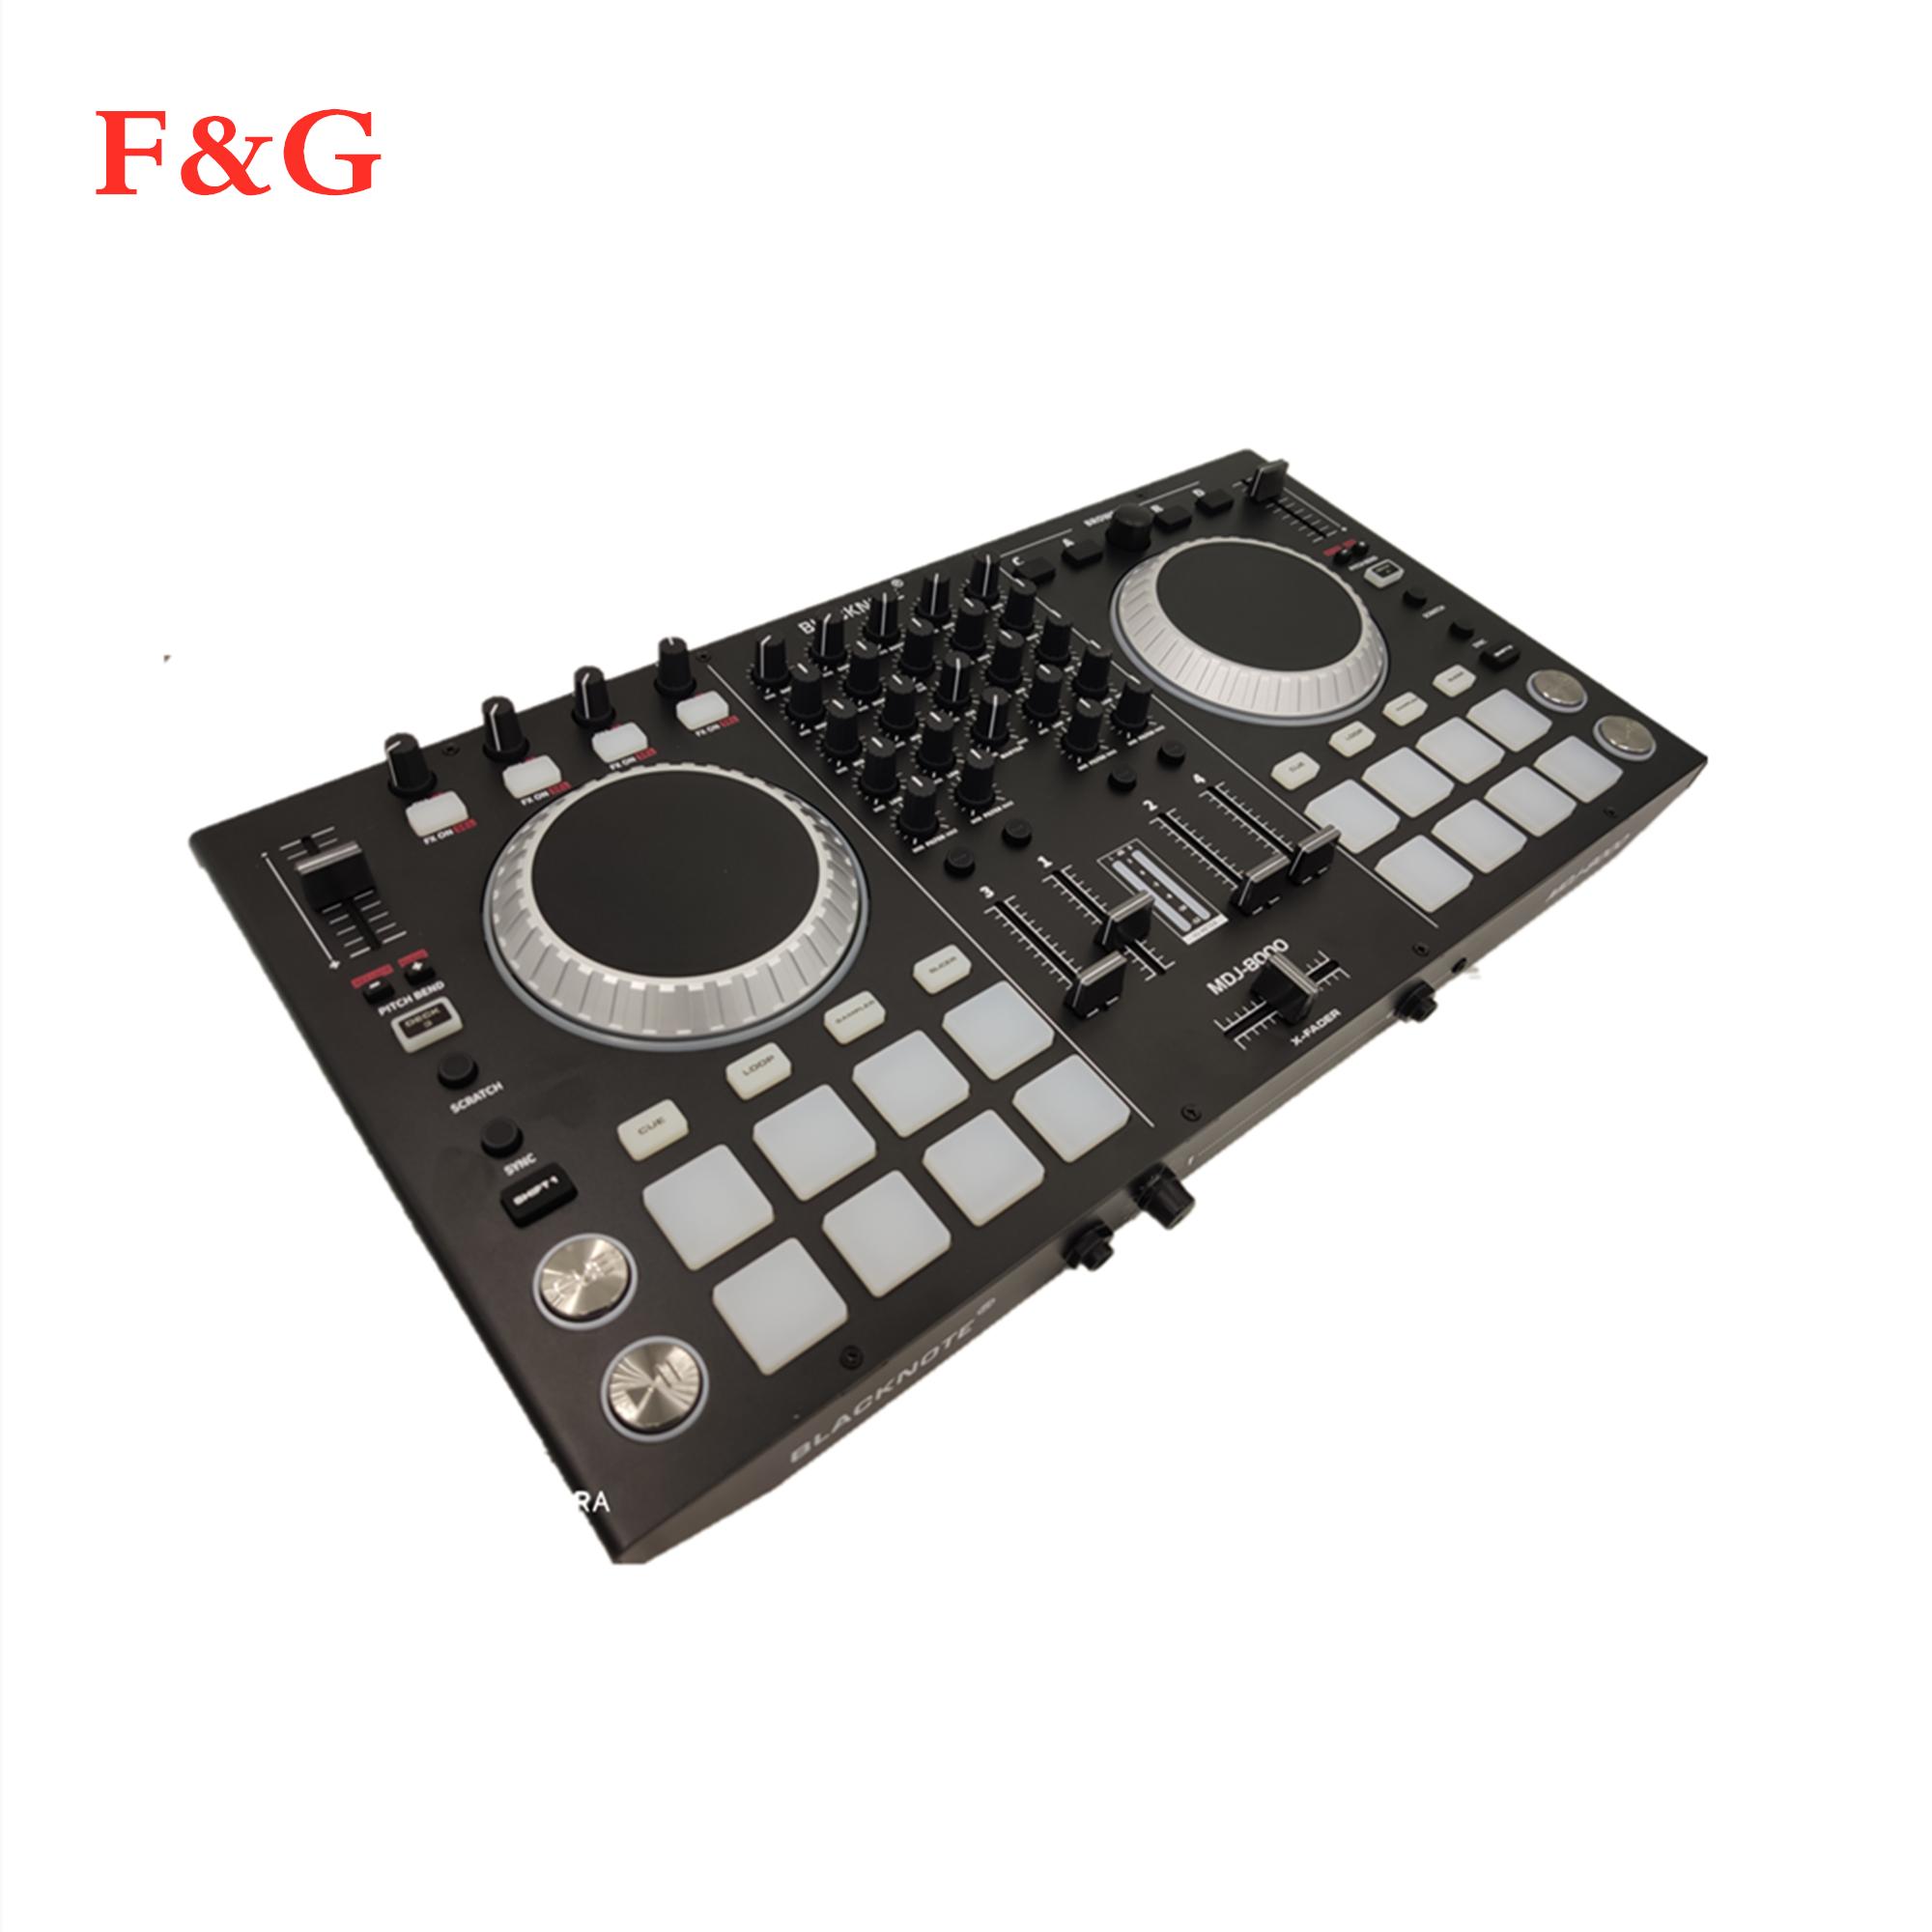 Controlador BLACKNOTE DJ MIDI パラ reproducir reproductores デオーディオデ consola mezcladora デ sonido をメサデ mezclas dj。 DJ Mezc